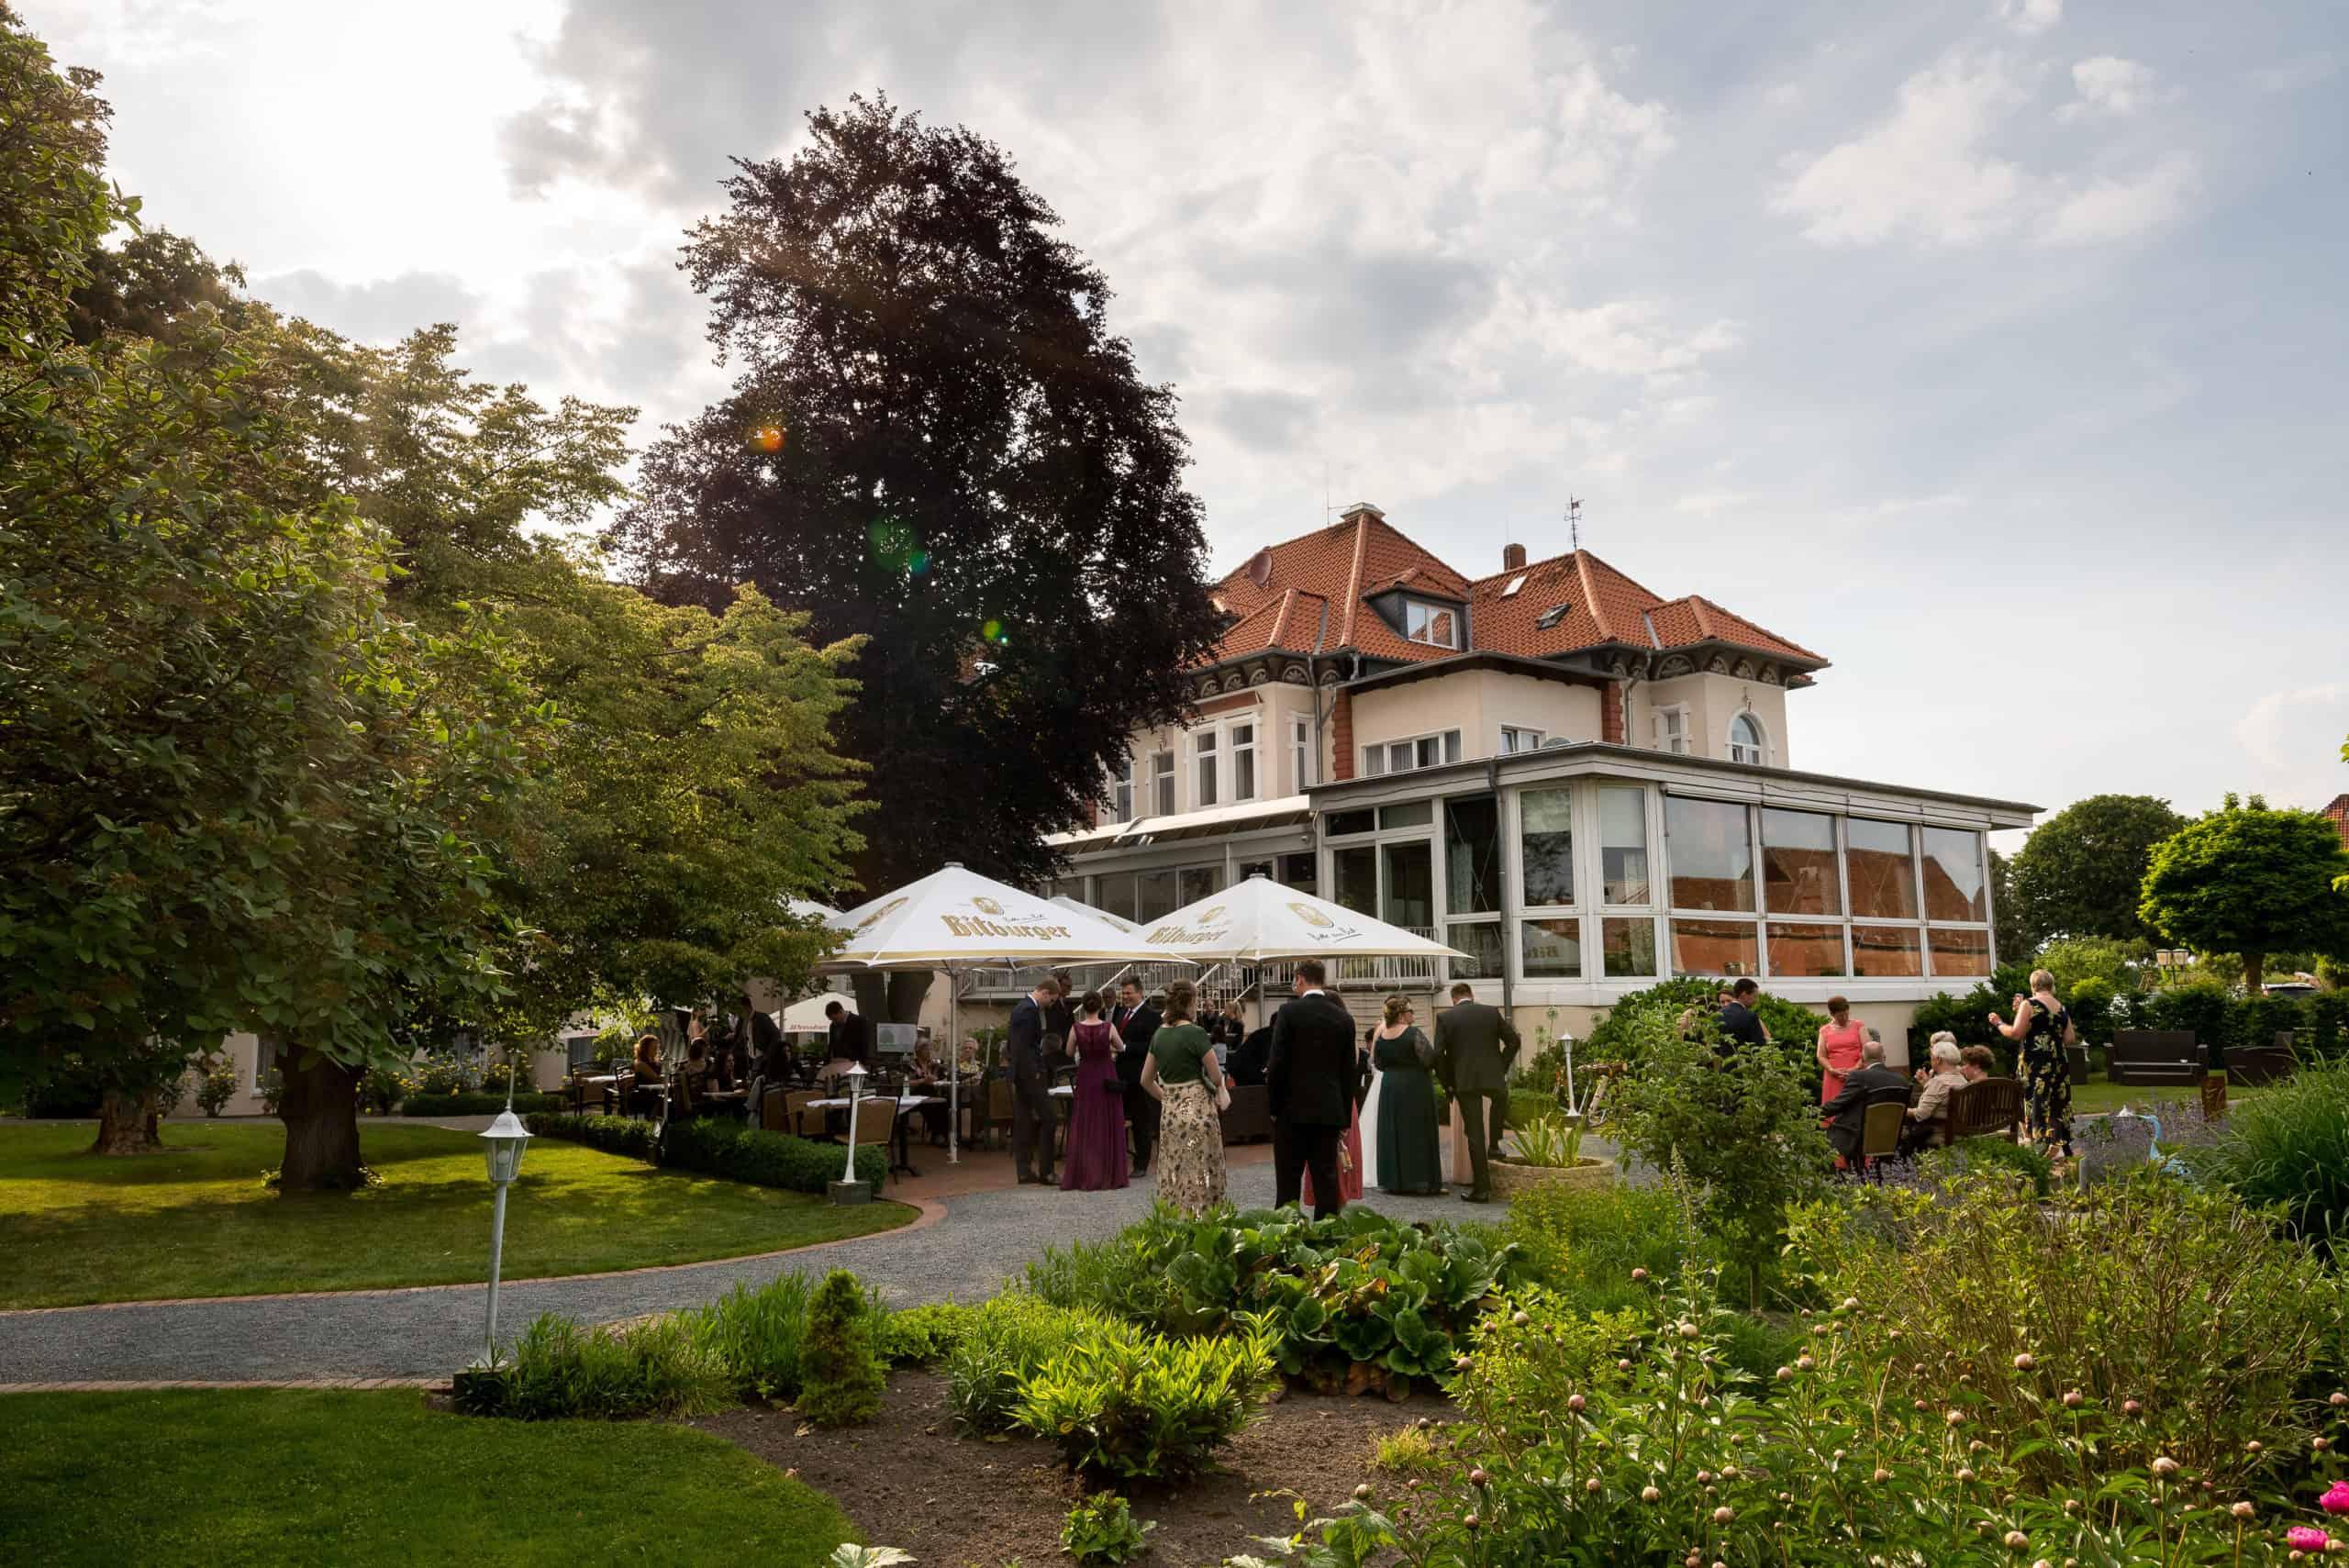 Hochzeit im Parkhotel Bilm in der Nähe von Hannover